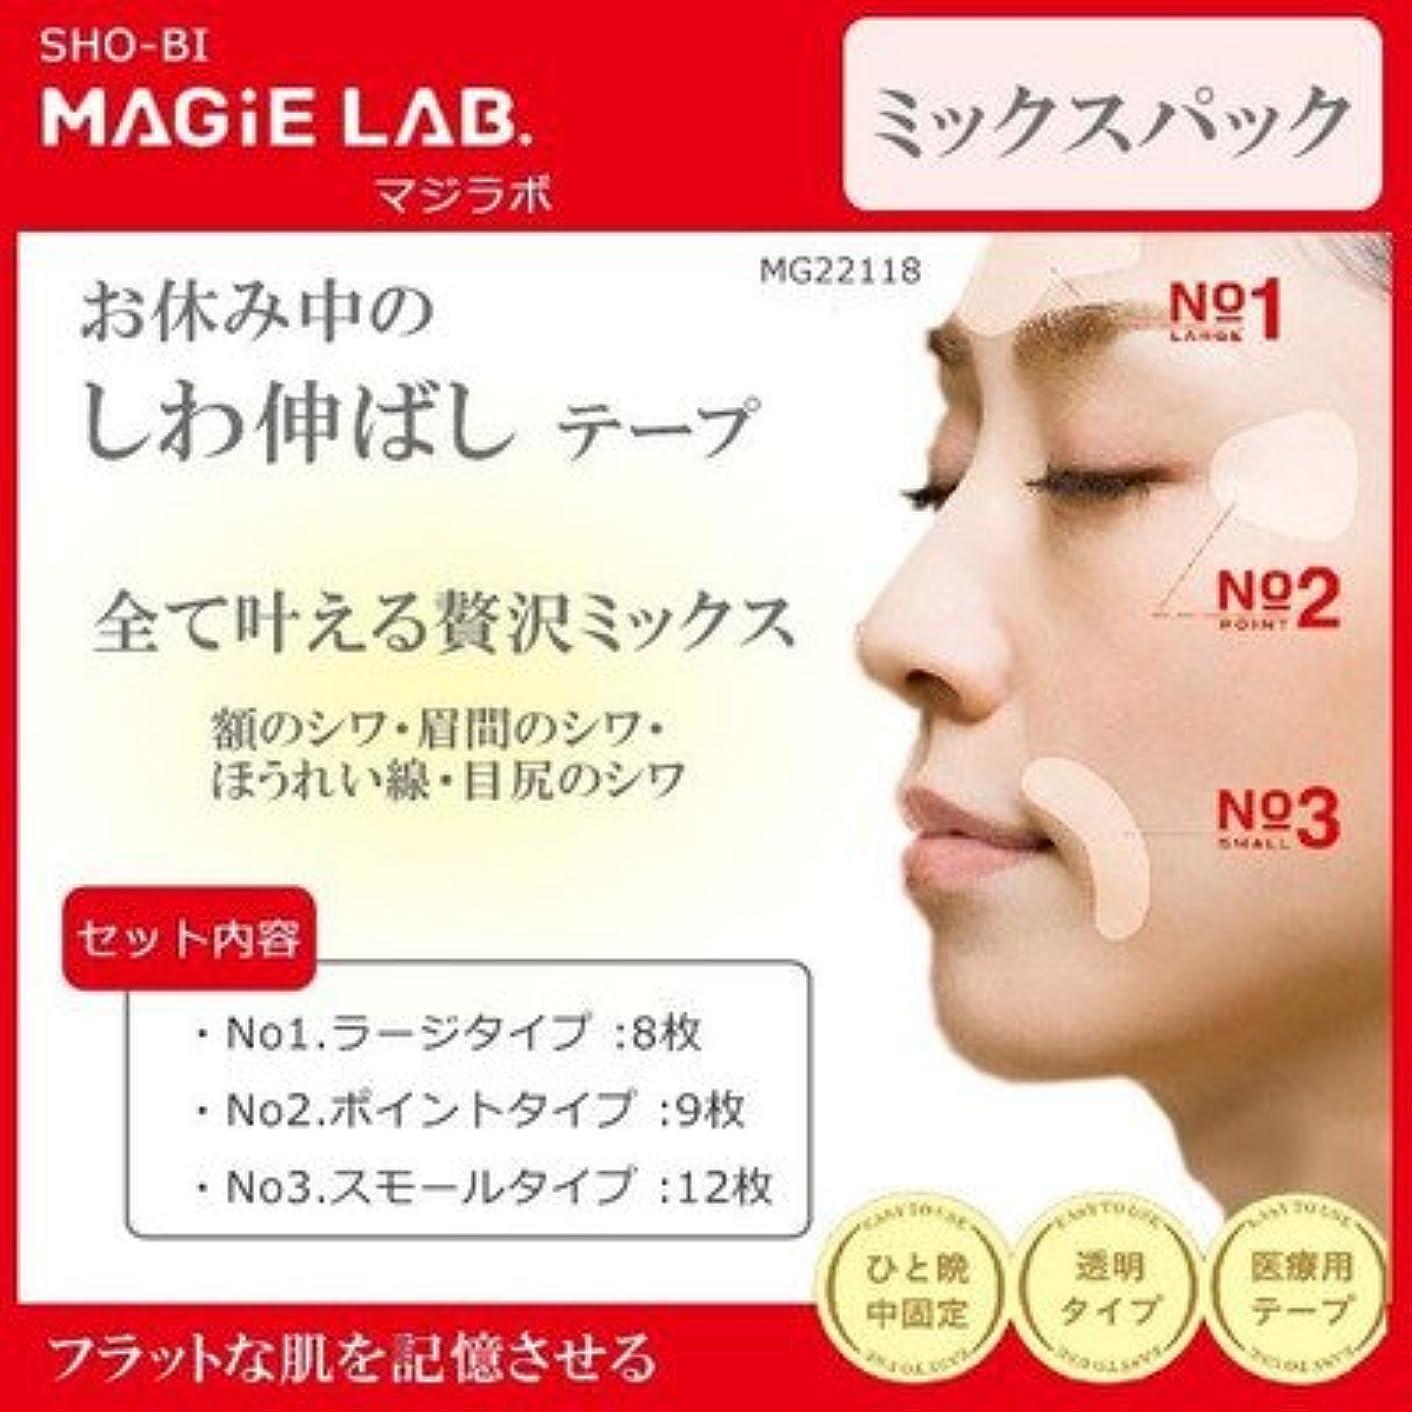 サイト針アメリカMAGiE LAB.(マジラボ) 全て叶える贅沢ミックス お休み中のしわ伸ばしテープ ミックスパック MG22118